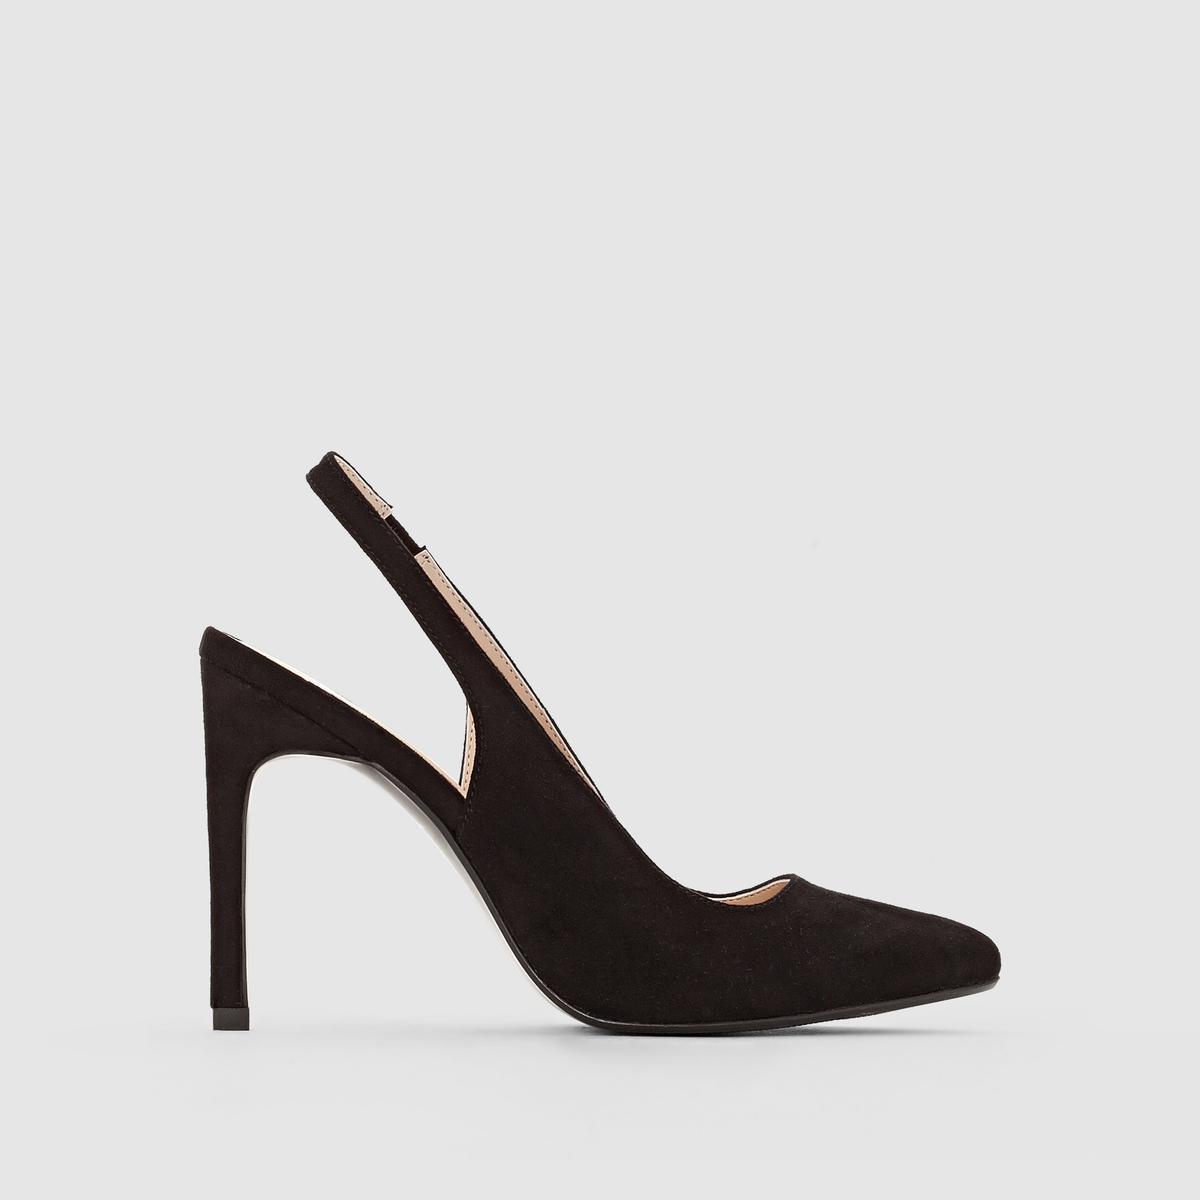 Туфли-лодочки с открытой пяткой на каблукеМарка :      R ?ditionВерх : синтетикаПодкладка : синтетикаСтелька : синтетикаПодошва : эластомерВысота каблука : 10 смФорма каблука : Шпилька.Мысок : закругленный<br><br>Цвет: черный